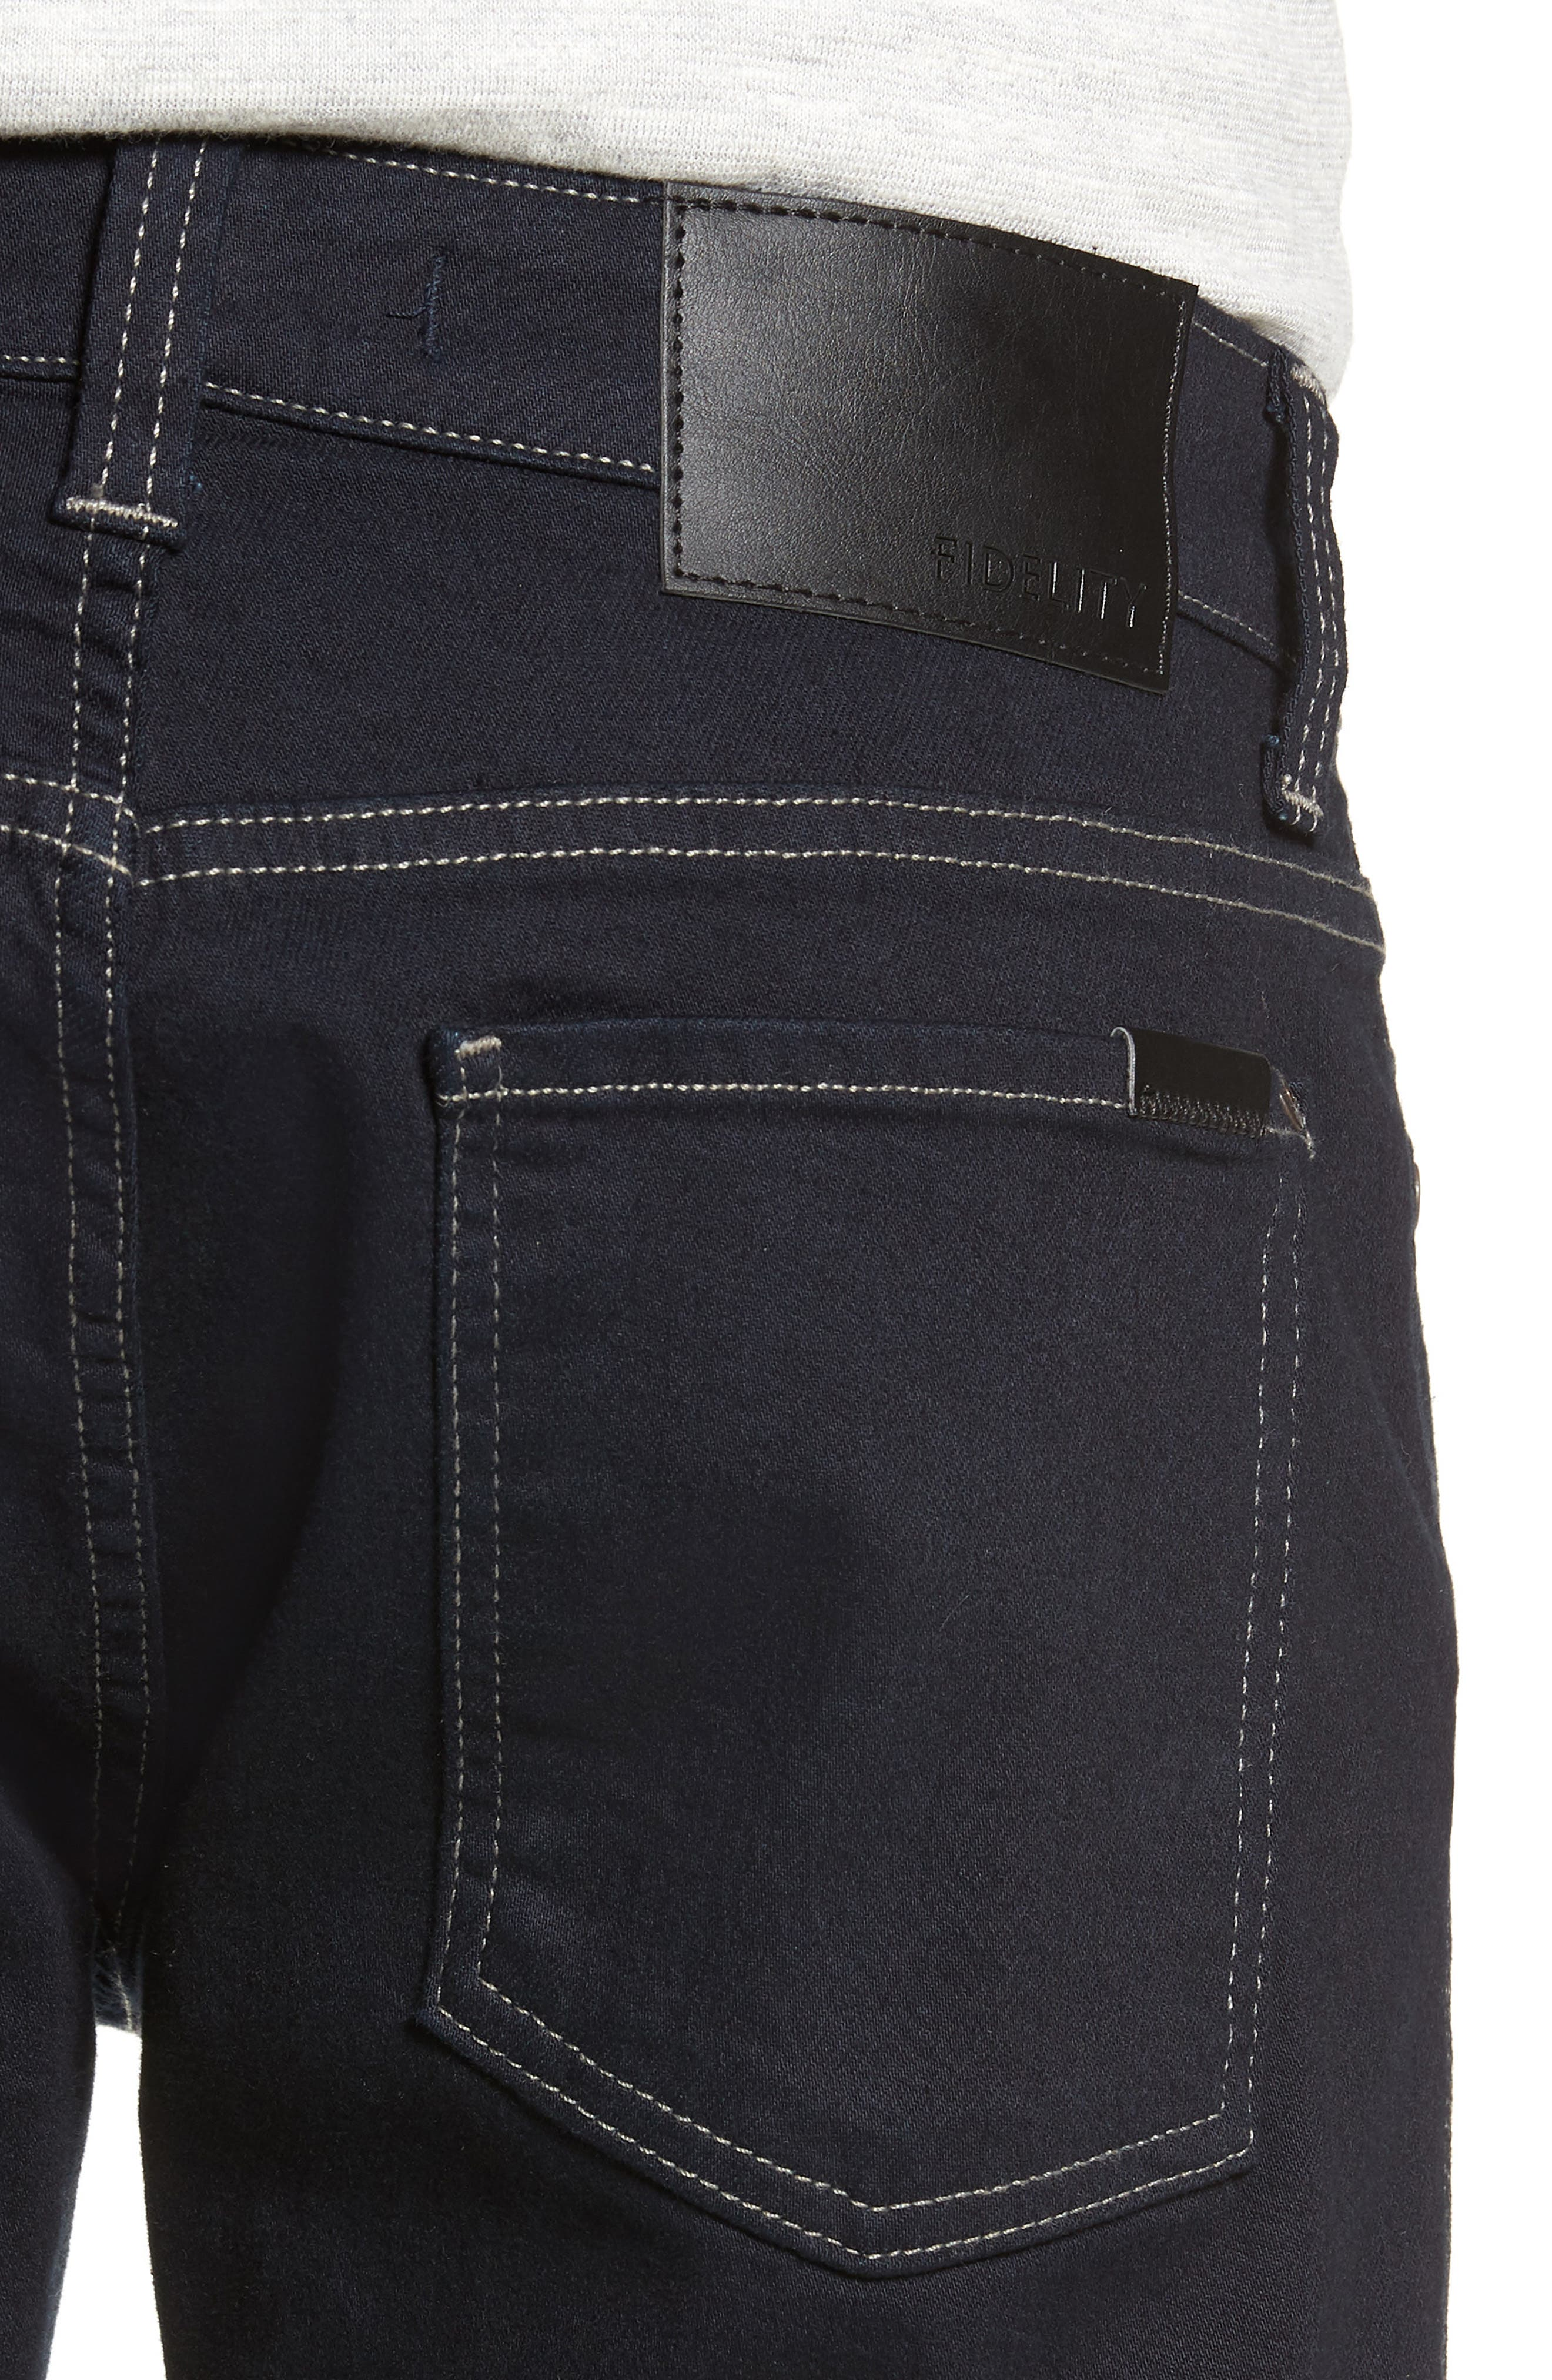 Torino Slim Fit Jeans,                             Alternate thumbnail 4, color,                             AKIRA BLUE